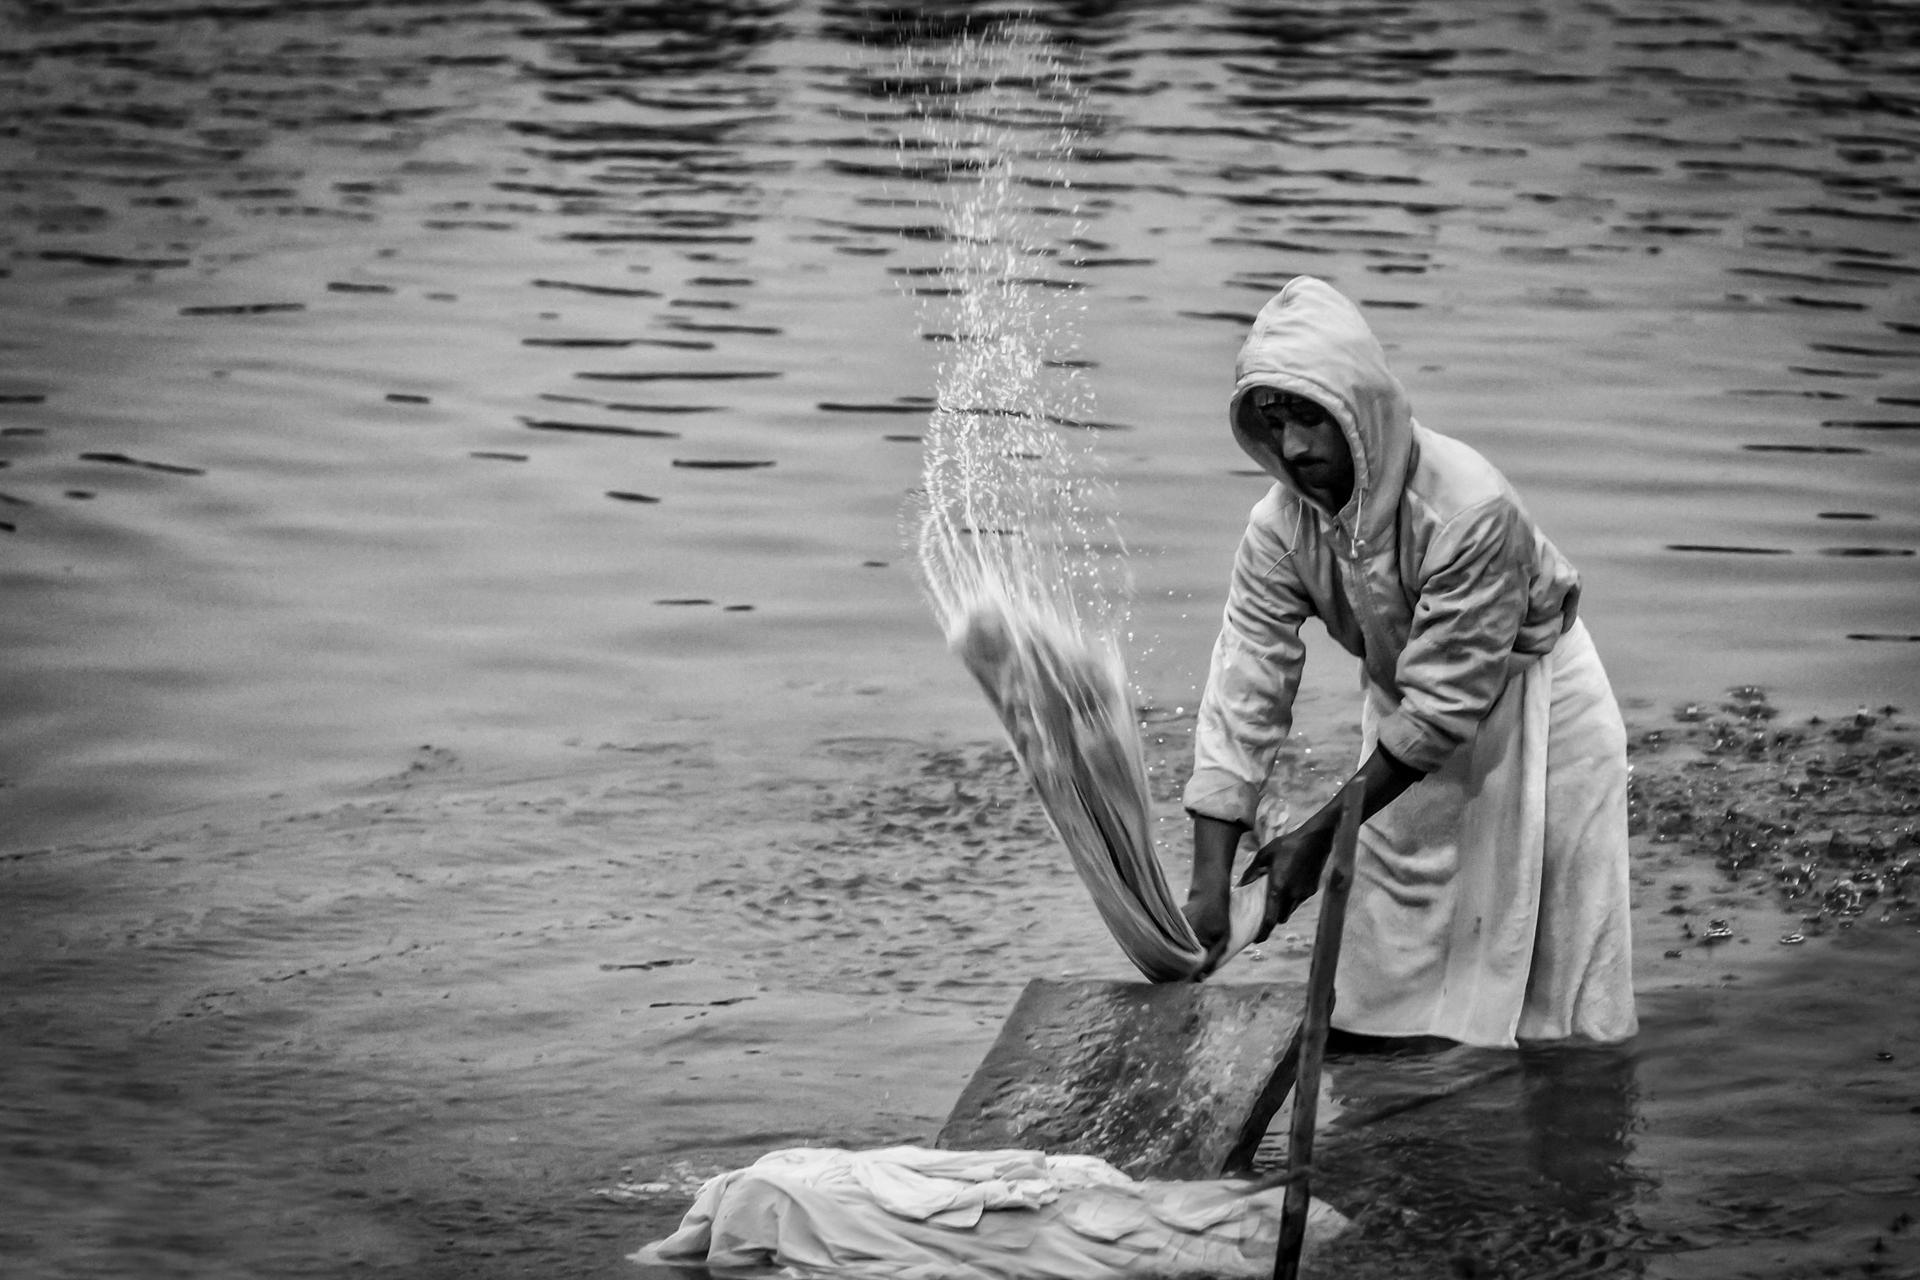 India-Ganges-laundry